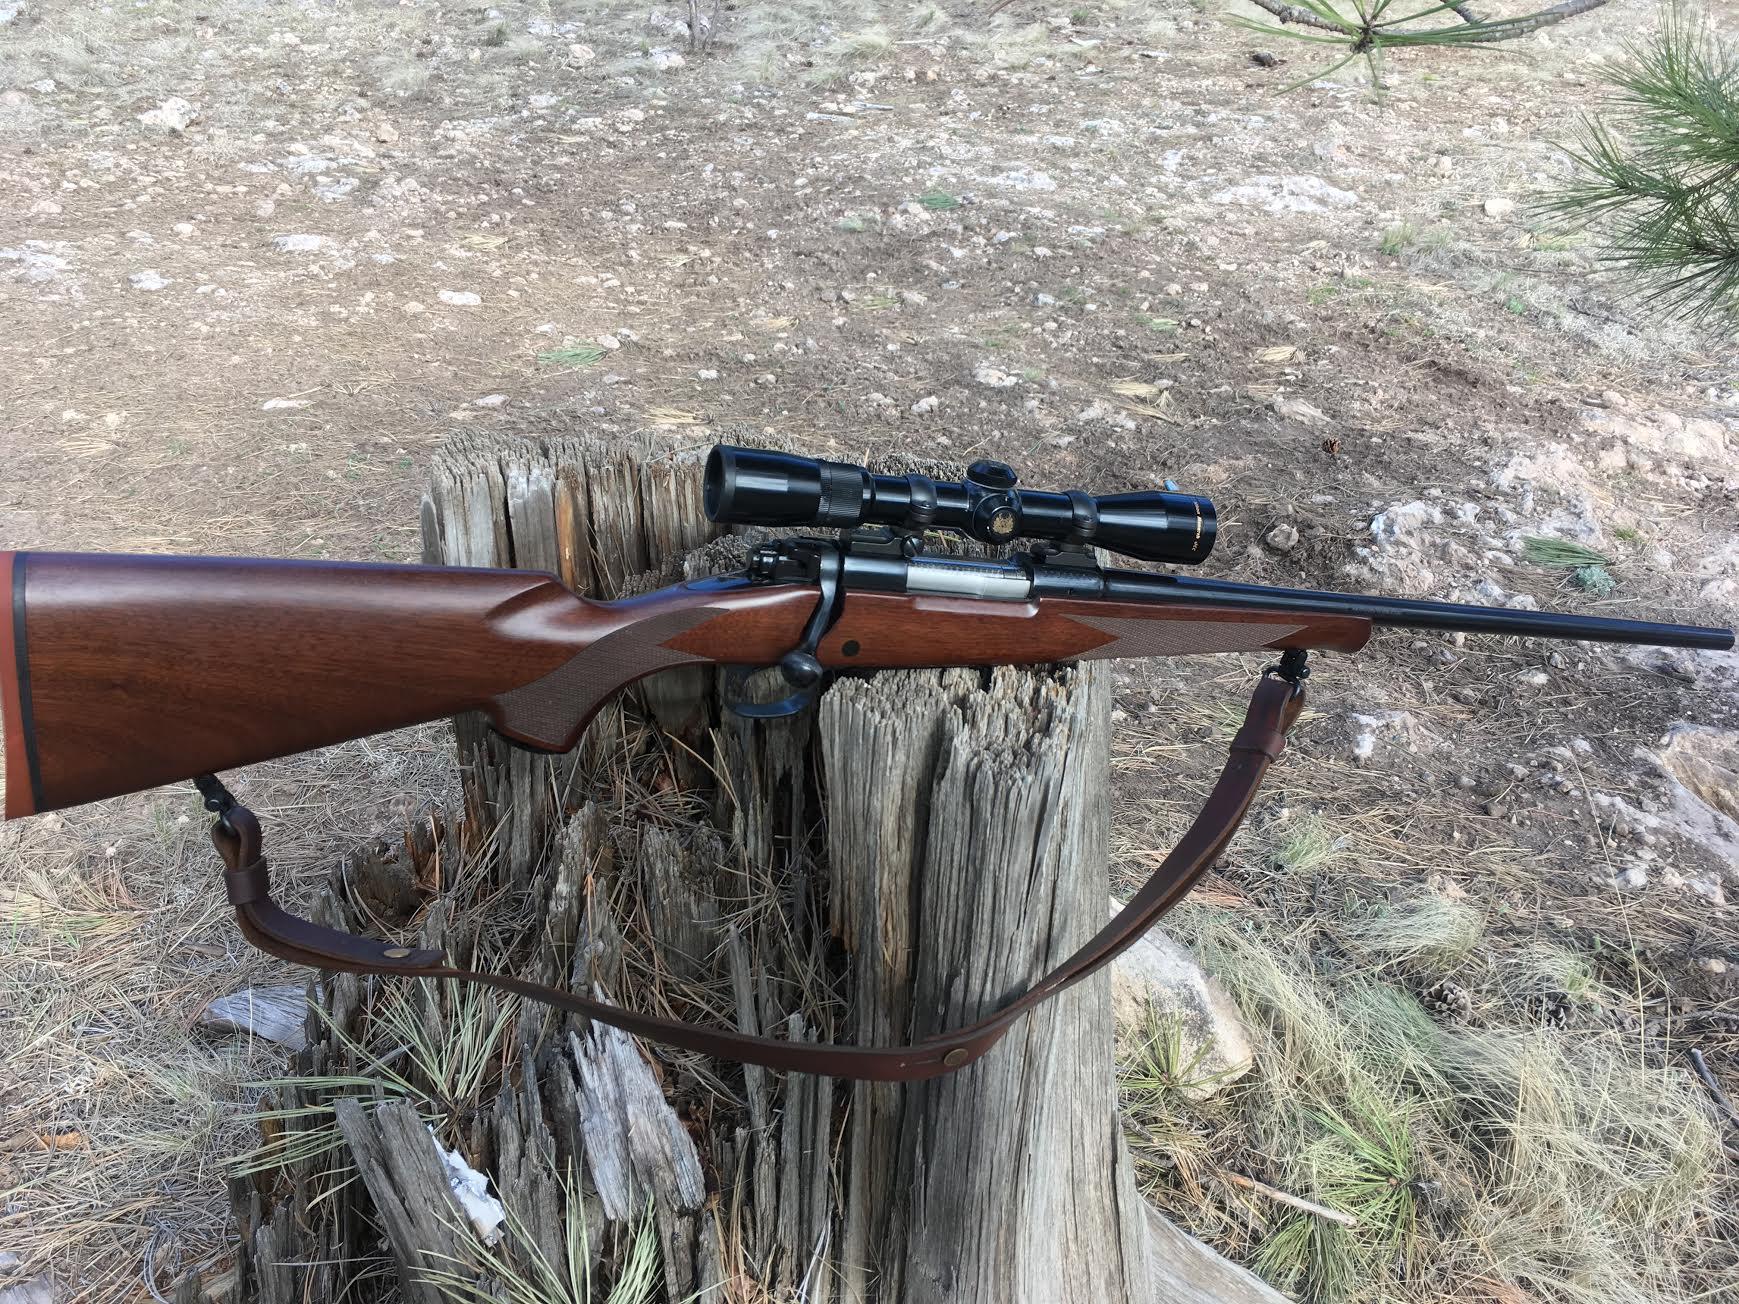 Lovačko oružje i municija - Page 4 32904403674_b0156b1060_o